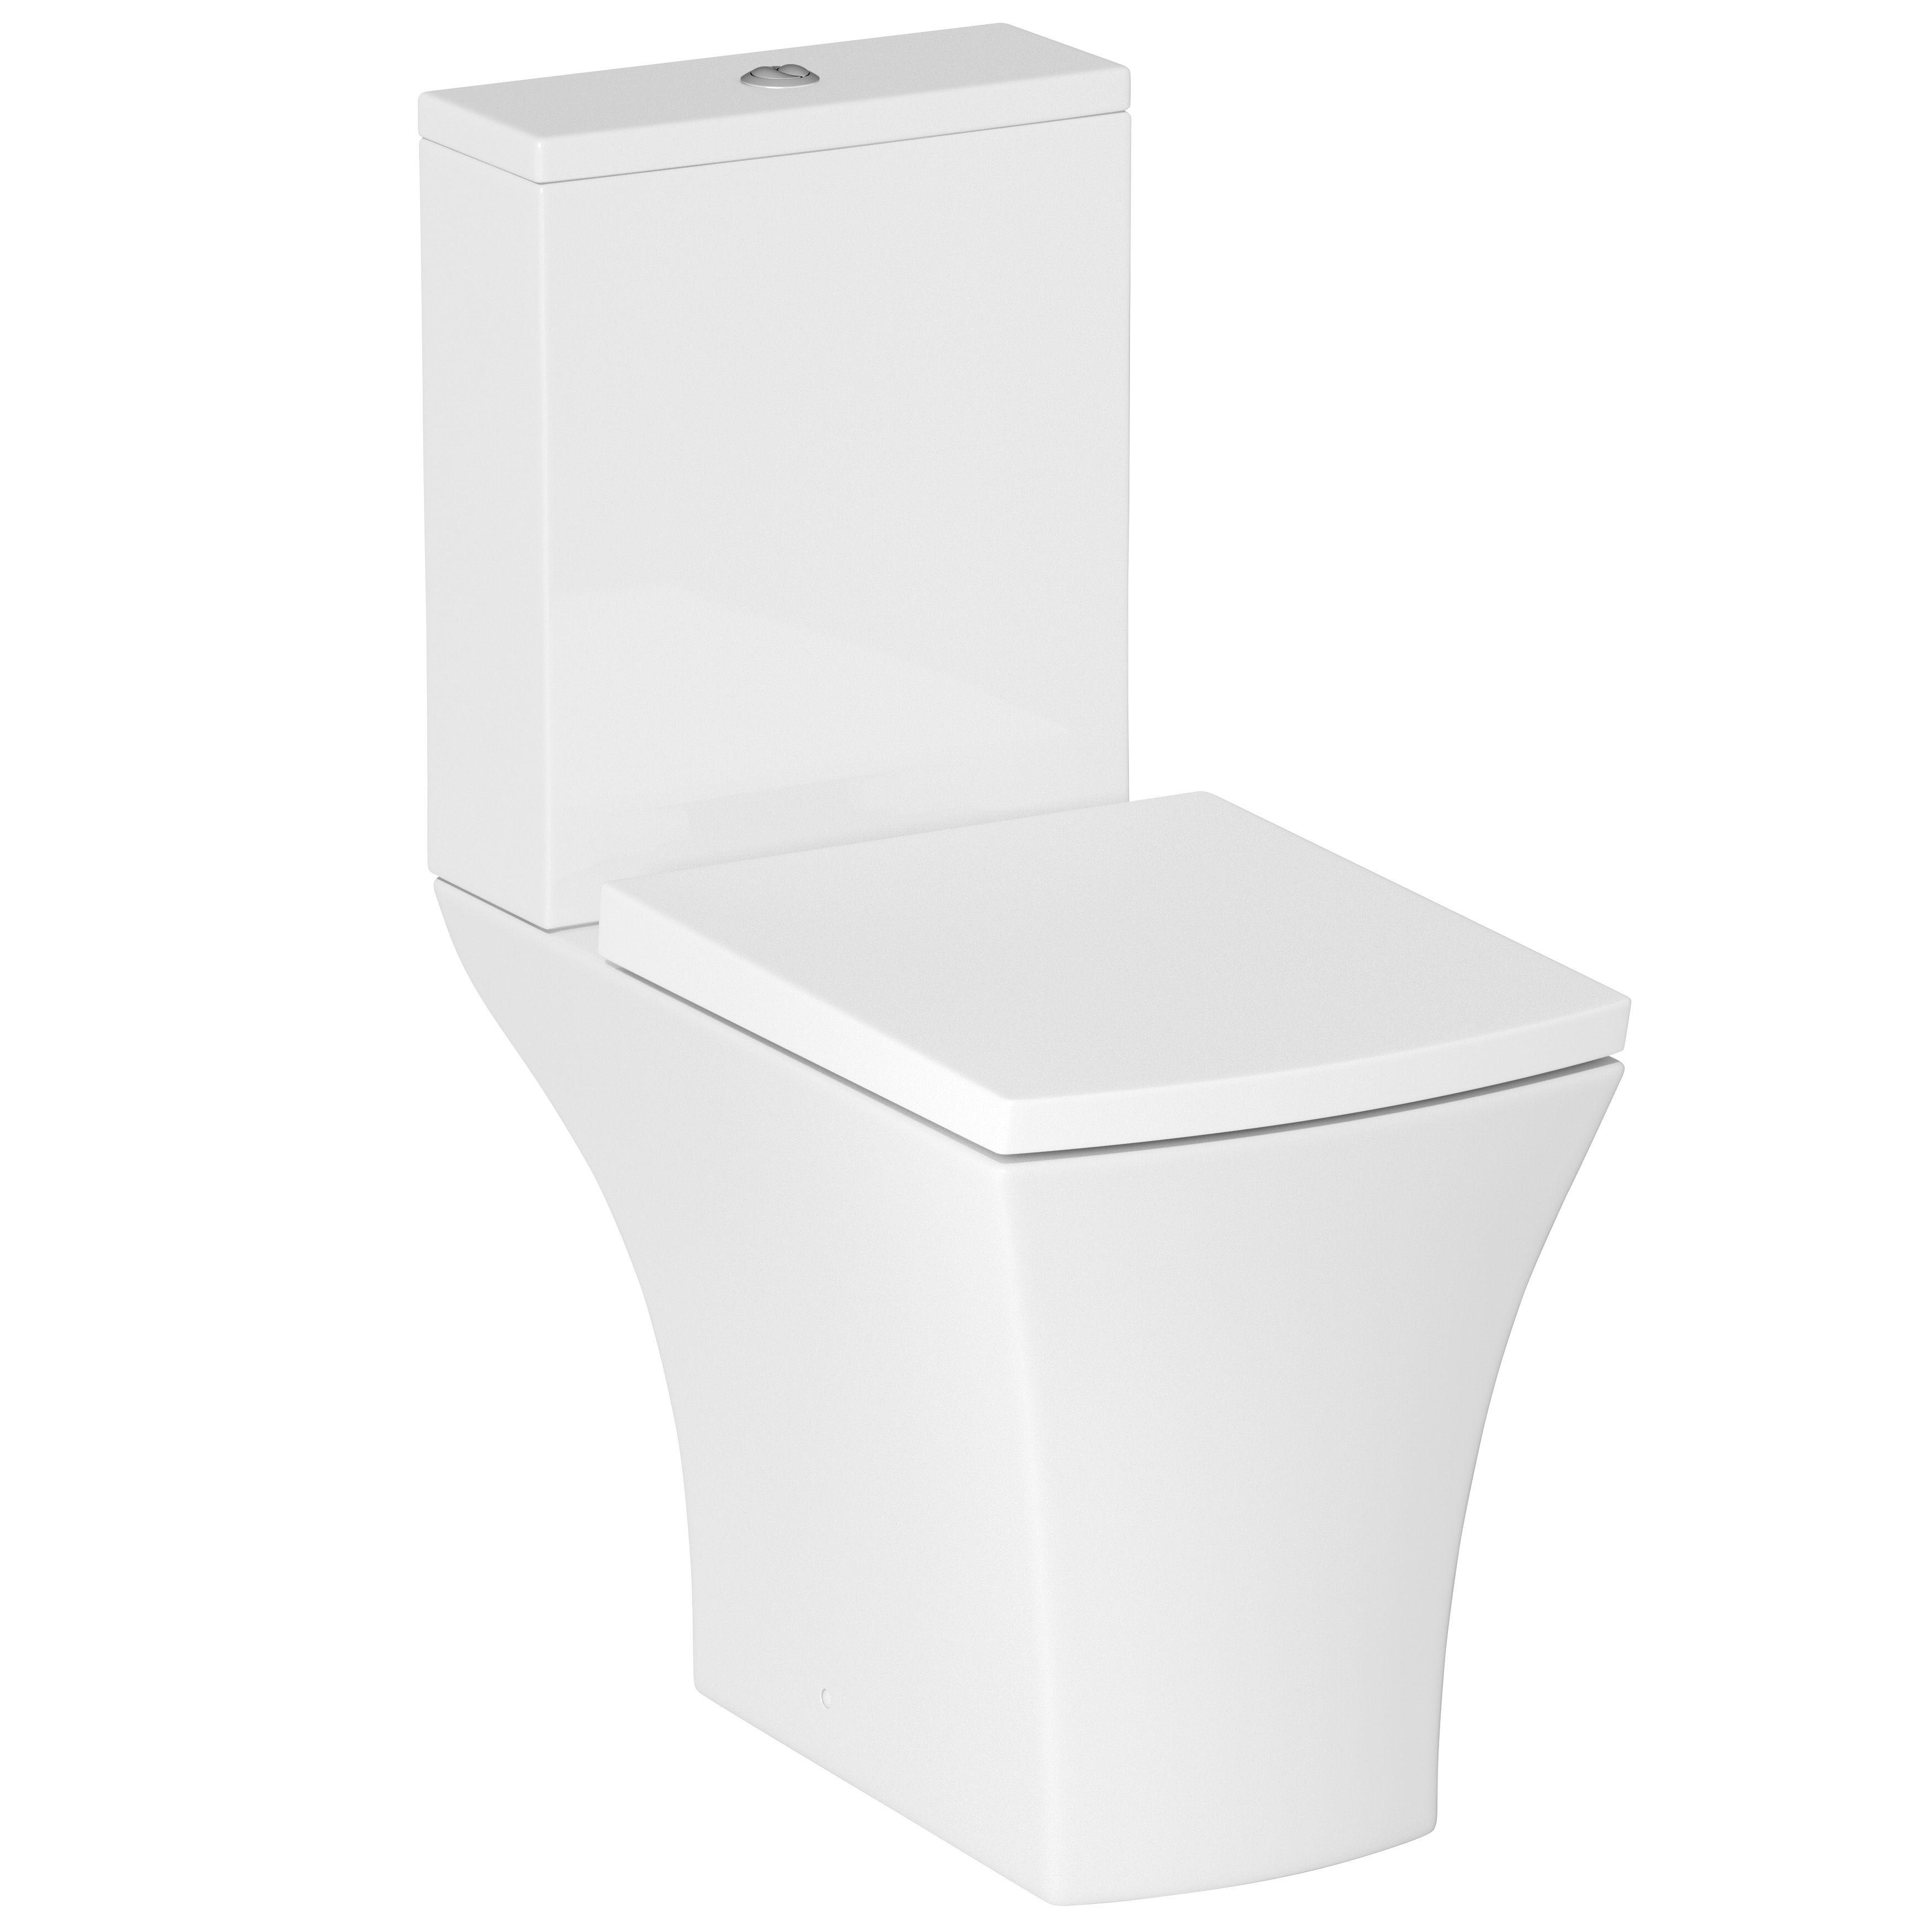 Aseo Soft Asientos quemarropa en asientos social WC ()